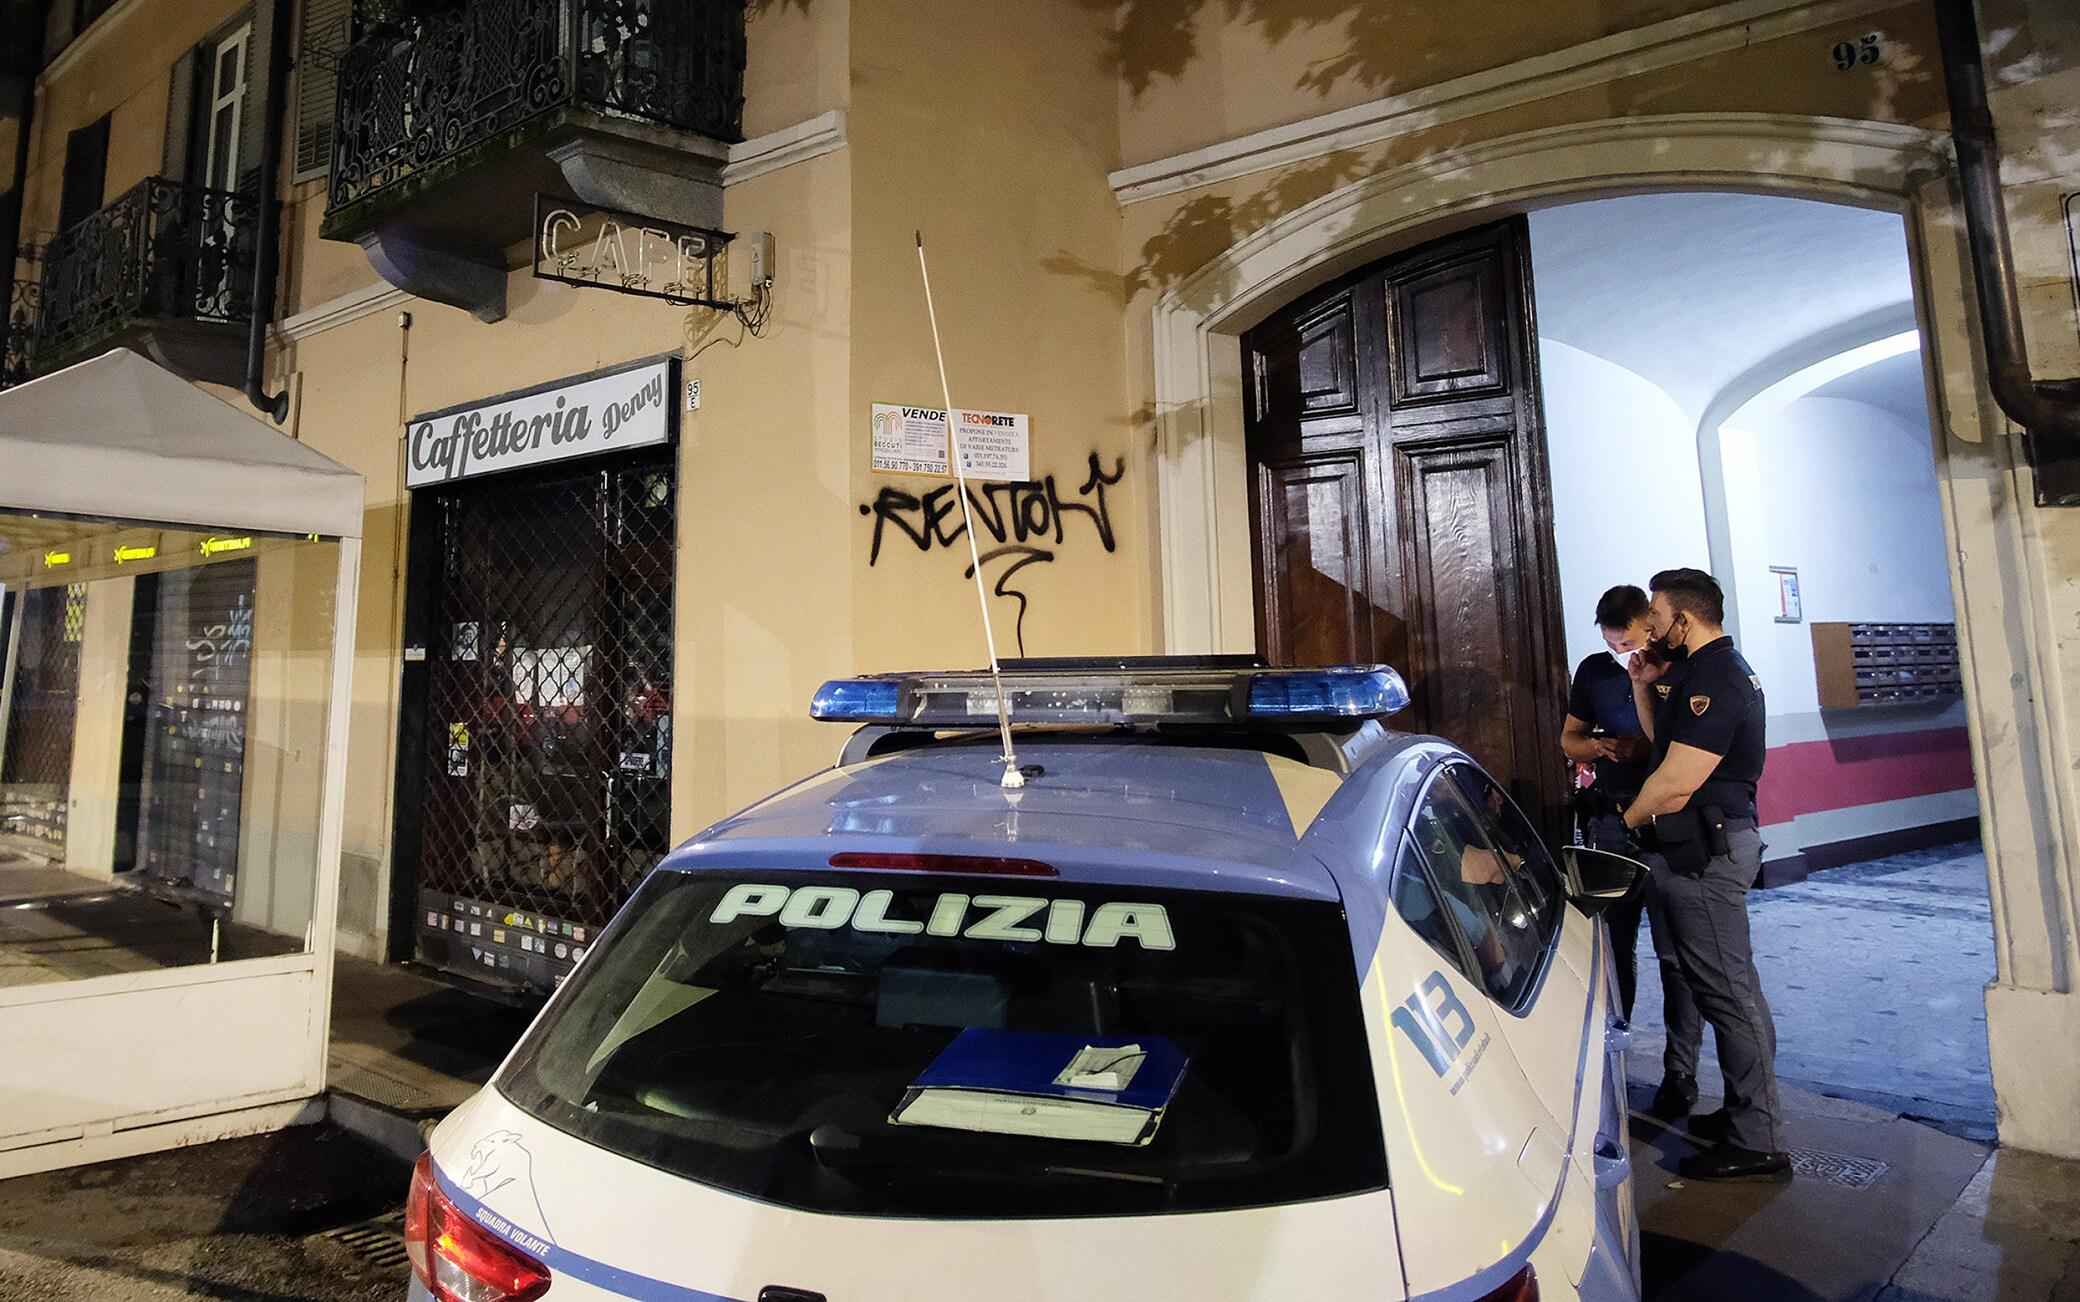 La polizia all'esterno del palazzo dove un 25enne originario del Bangladesh è stato trovato ucciso nel suo appartamento a Torino, 9 giugno 2021.ANSA/ ALESSANDRIO DI MARCO